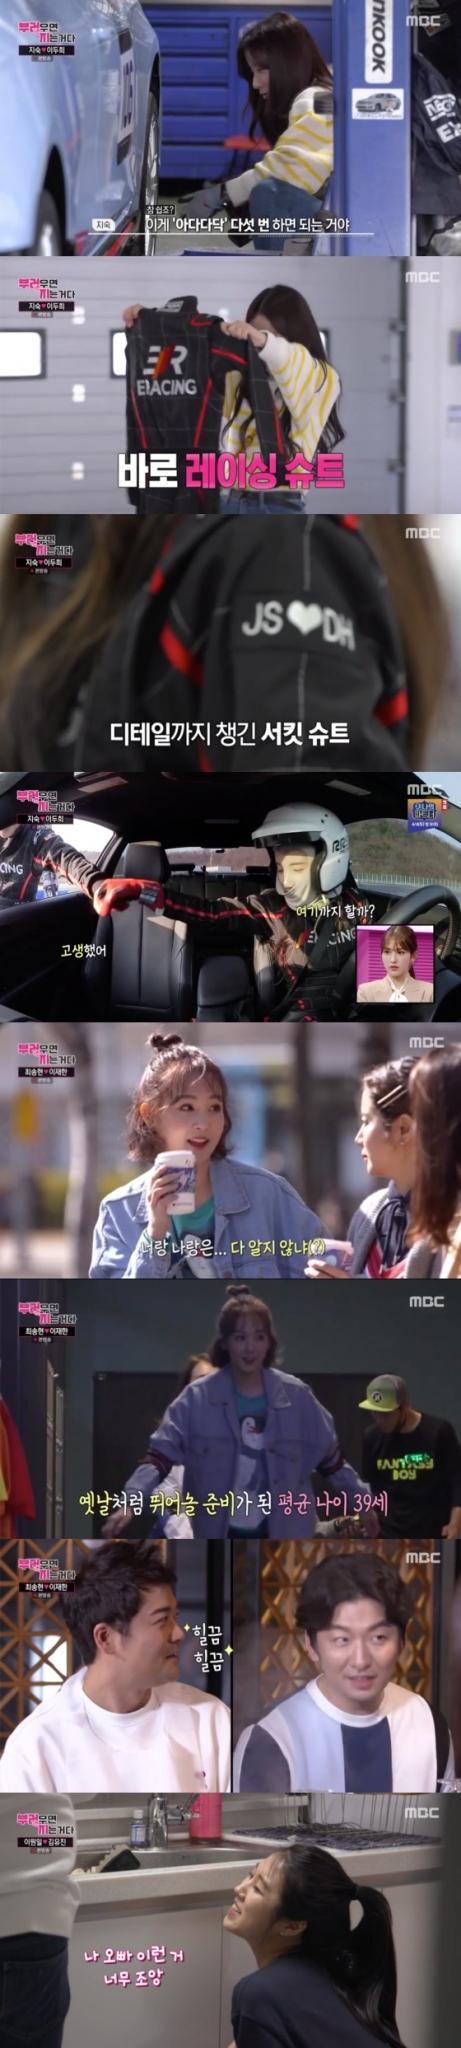 /사진=MBC 예능 프로그램 '리얼연애 부러우면 지는거다' 방송화면 캡처